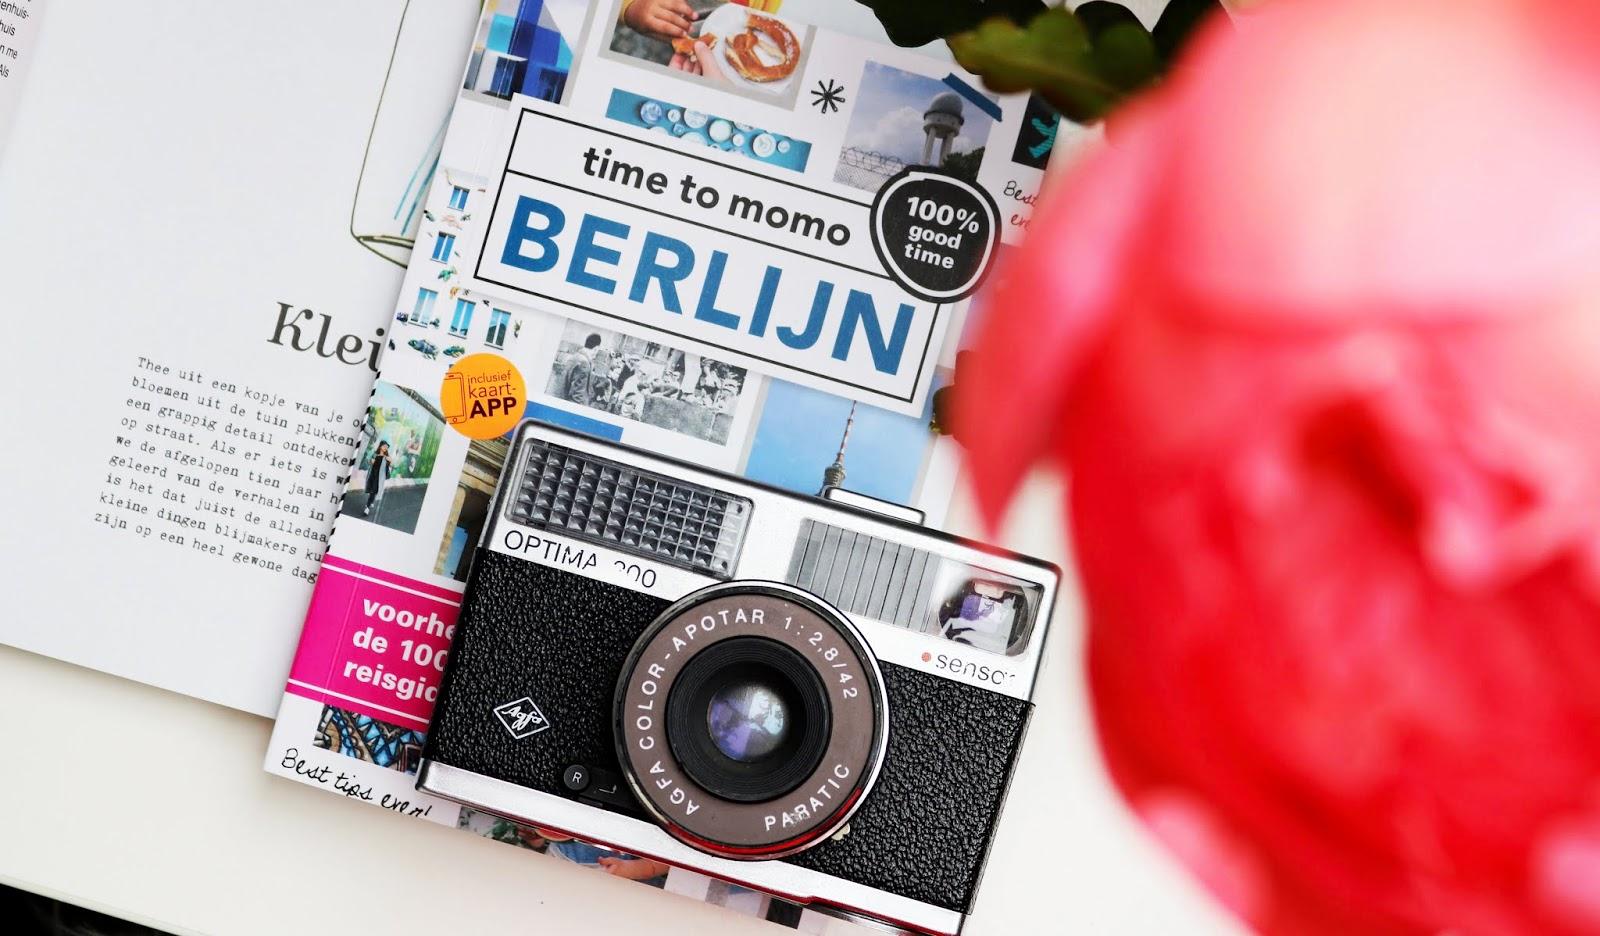 Travel   Wij gaan naar…. Berlijn!